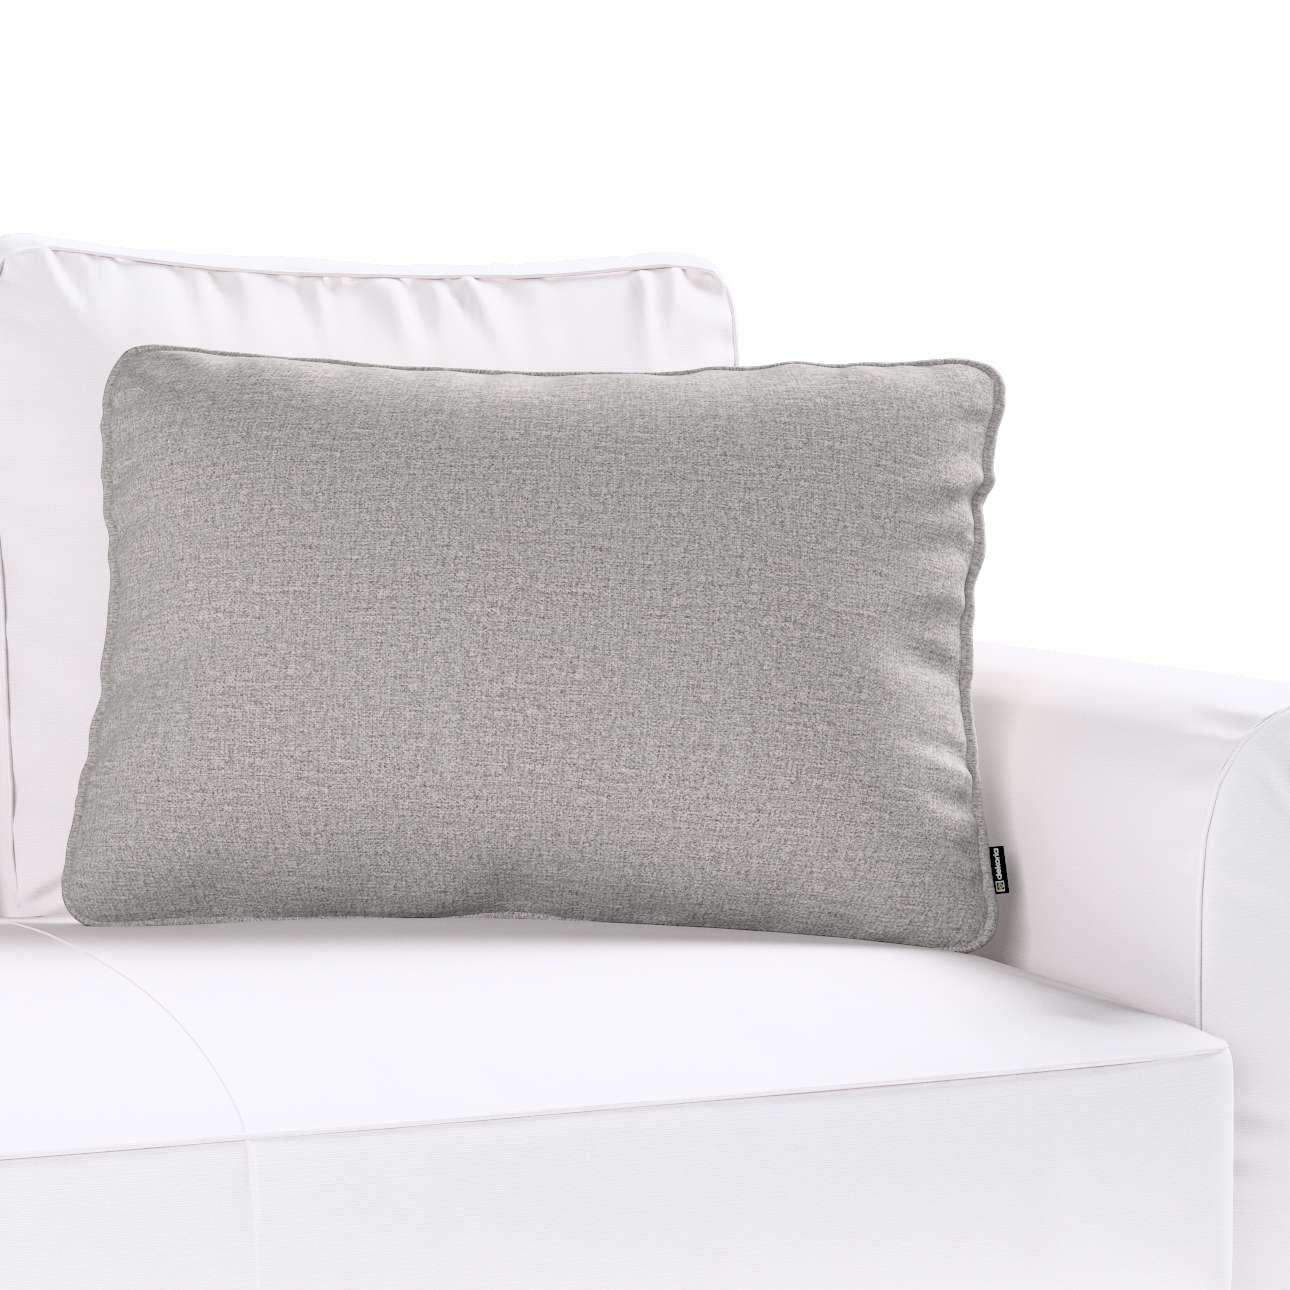 Poszewka Gabi na poduszkę prostokątna 60x40cm w kolekcji Edinburgh, tkanina: 115-81